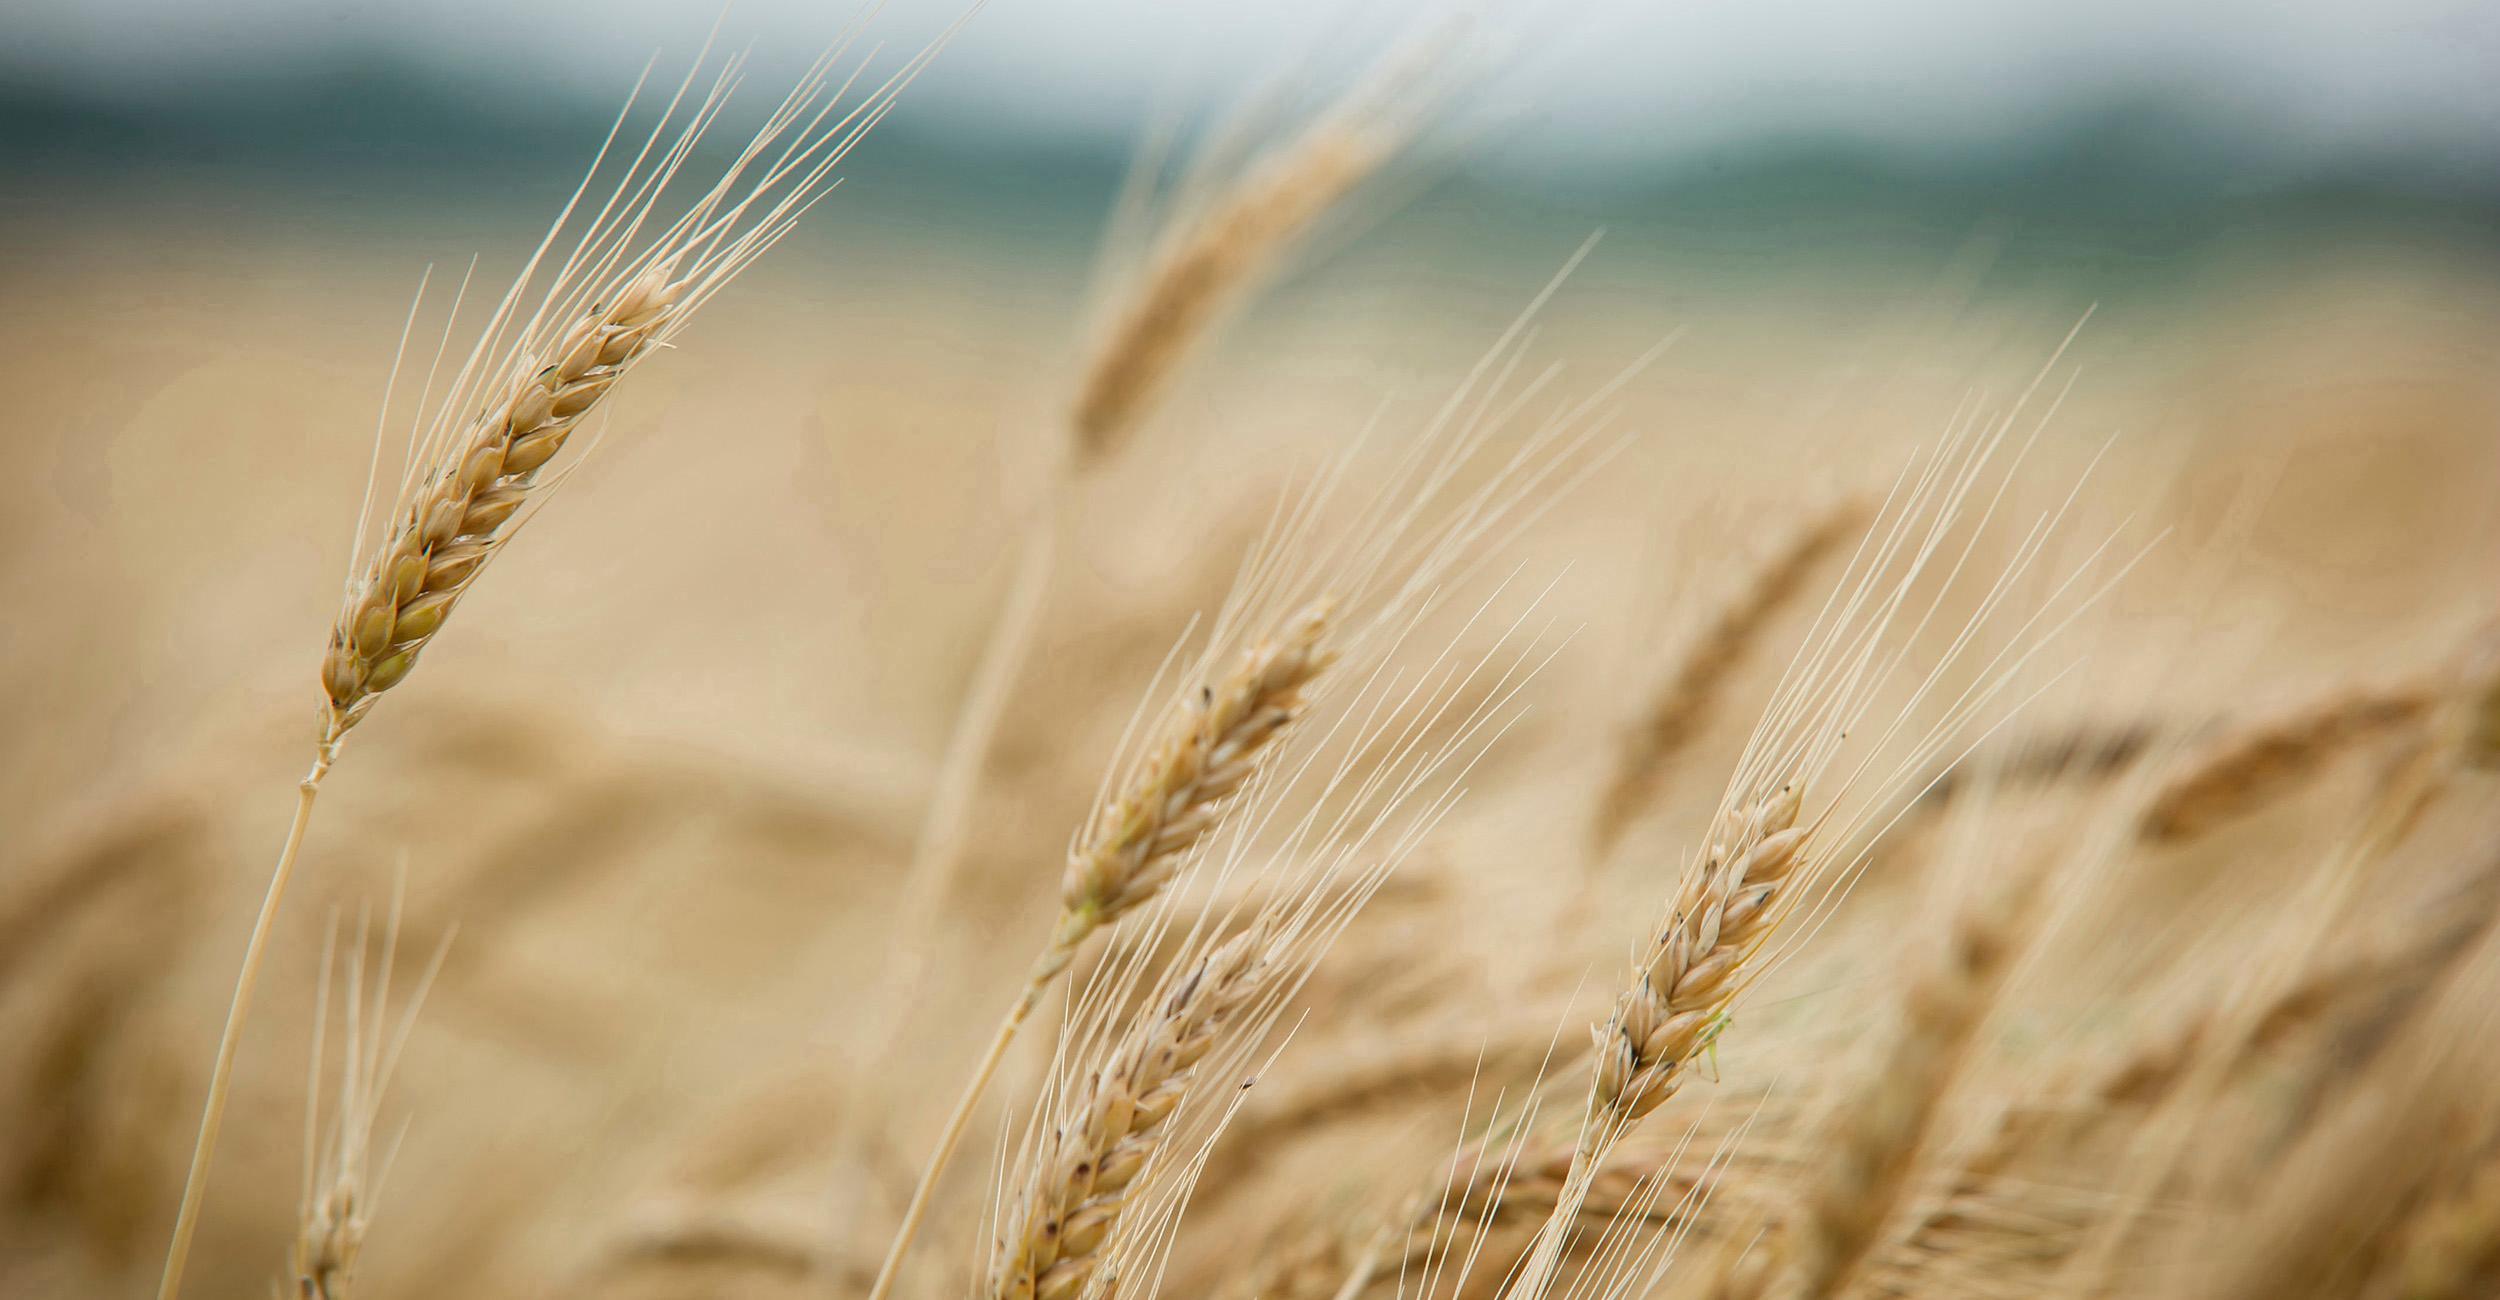 El trigo HB4 es el primer trigo transgénico del mundo y presenta dos características: resistencia a las sequías y al herbicida glufosinato